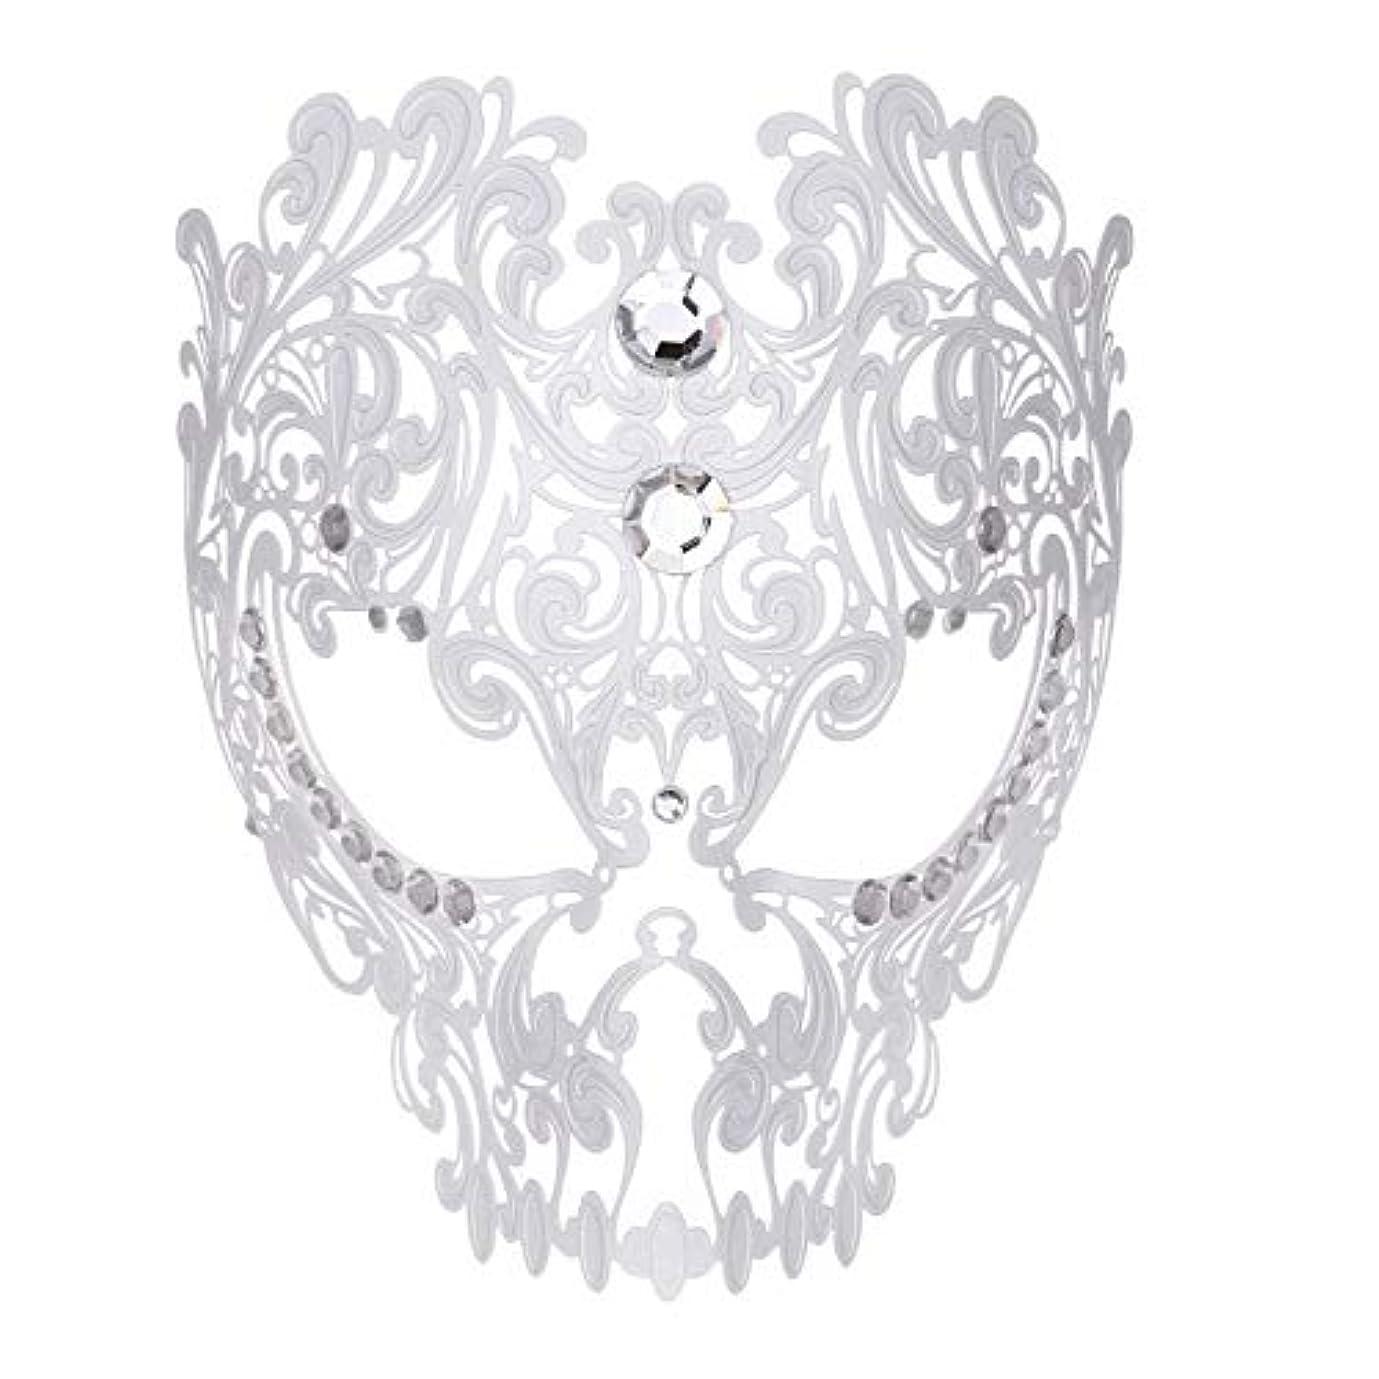 愚か応援するシルエットダンスマスク フルフェイスエナメル金属象眼細工中空マスクナイトクラブパーティーロールプレイングマスカレードマスク ホリデーパーティー用品 (色 : 白, サイズ : Universal)